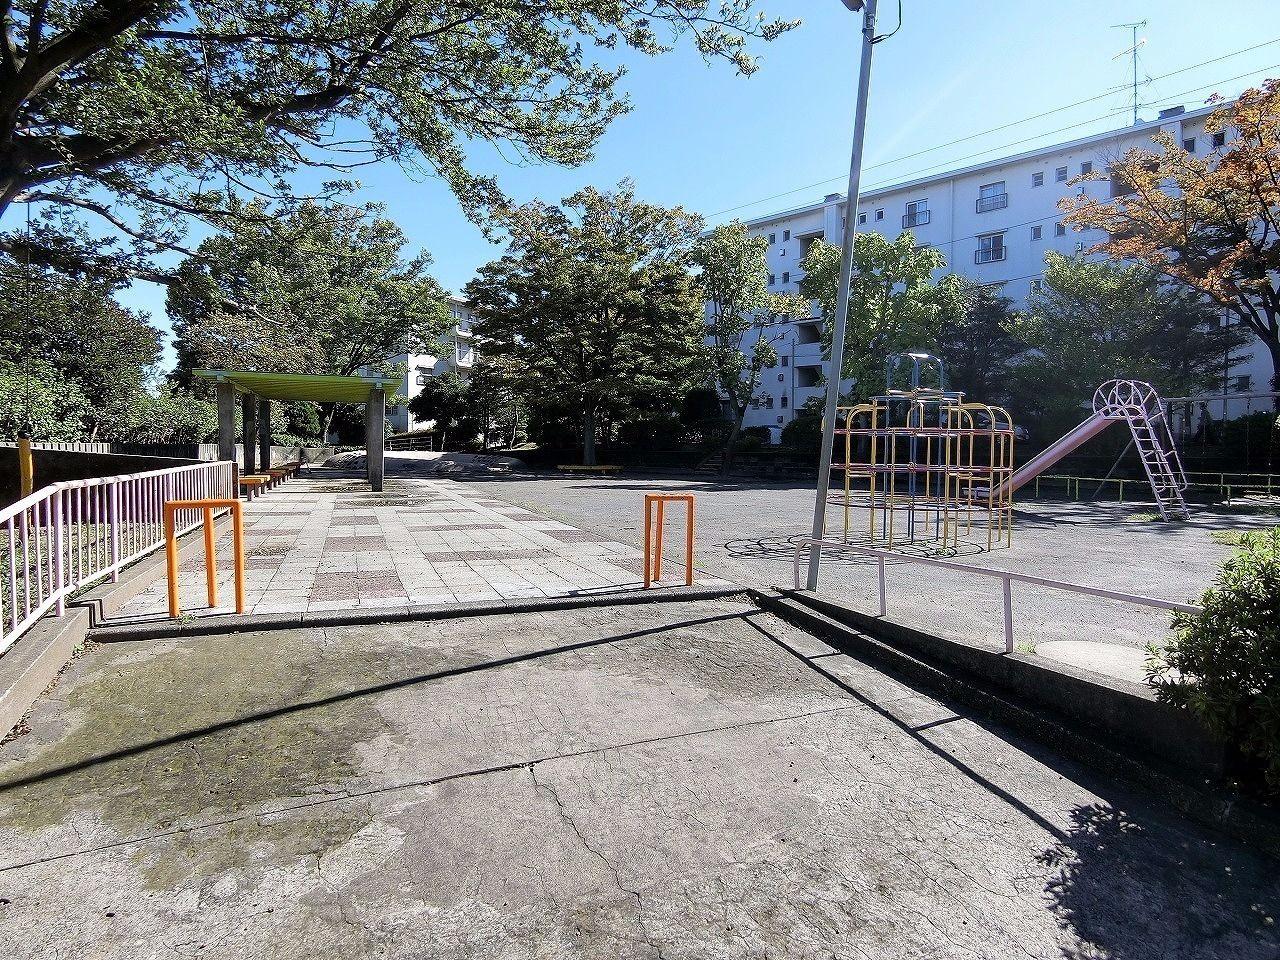 ドーナッツ公園・たまプラーザ団地(敷地内)